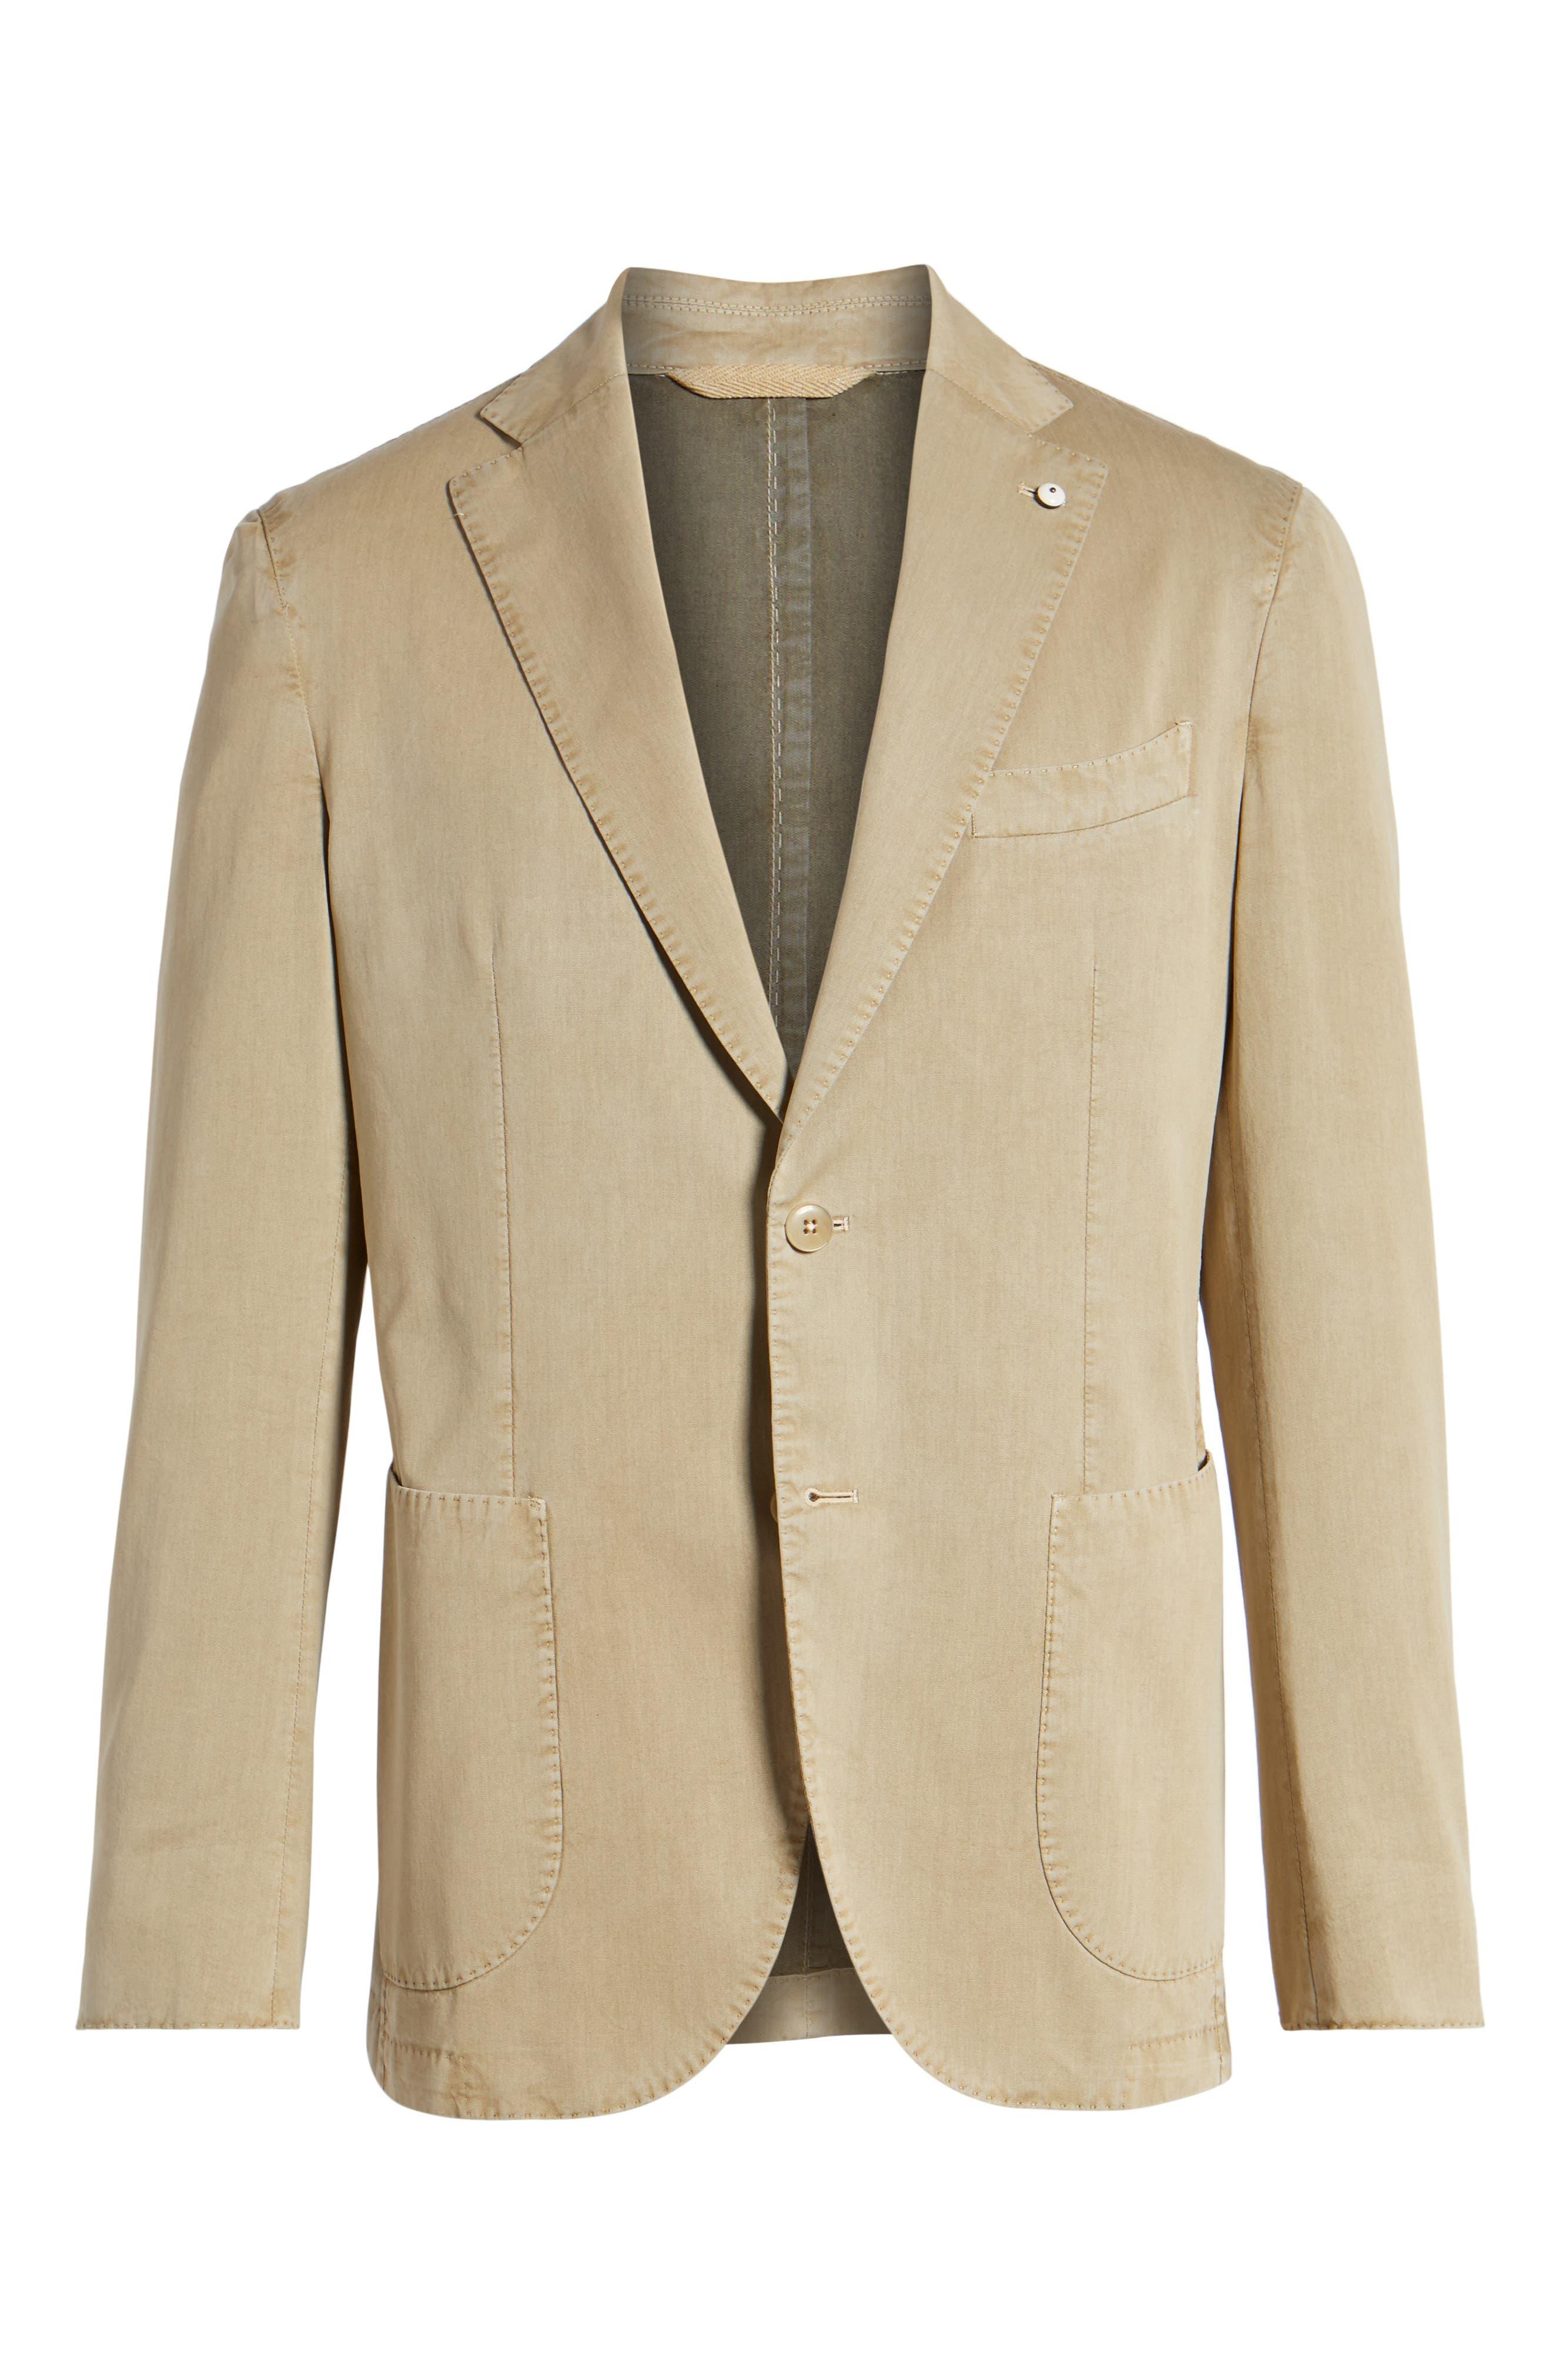 Classic Fit Cotton & Silk Blazer,                             Alternate thumbnail 6, color,                             Beige/ Khaki